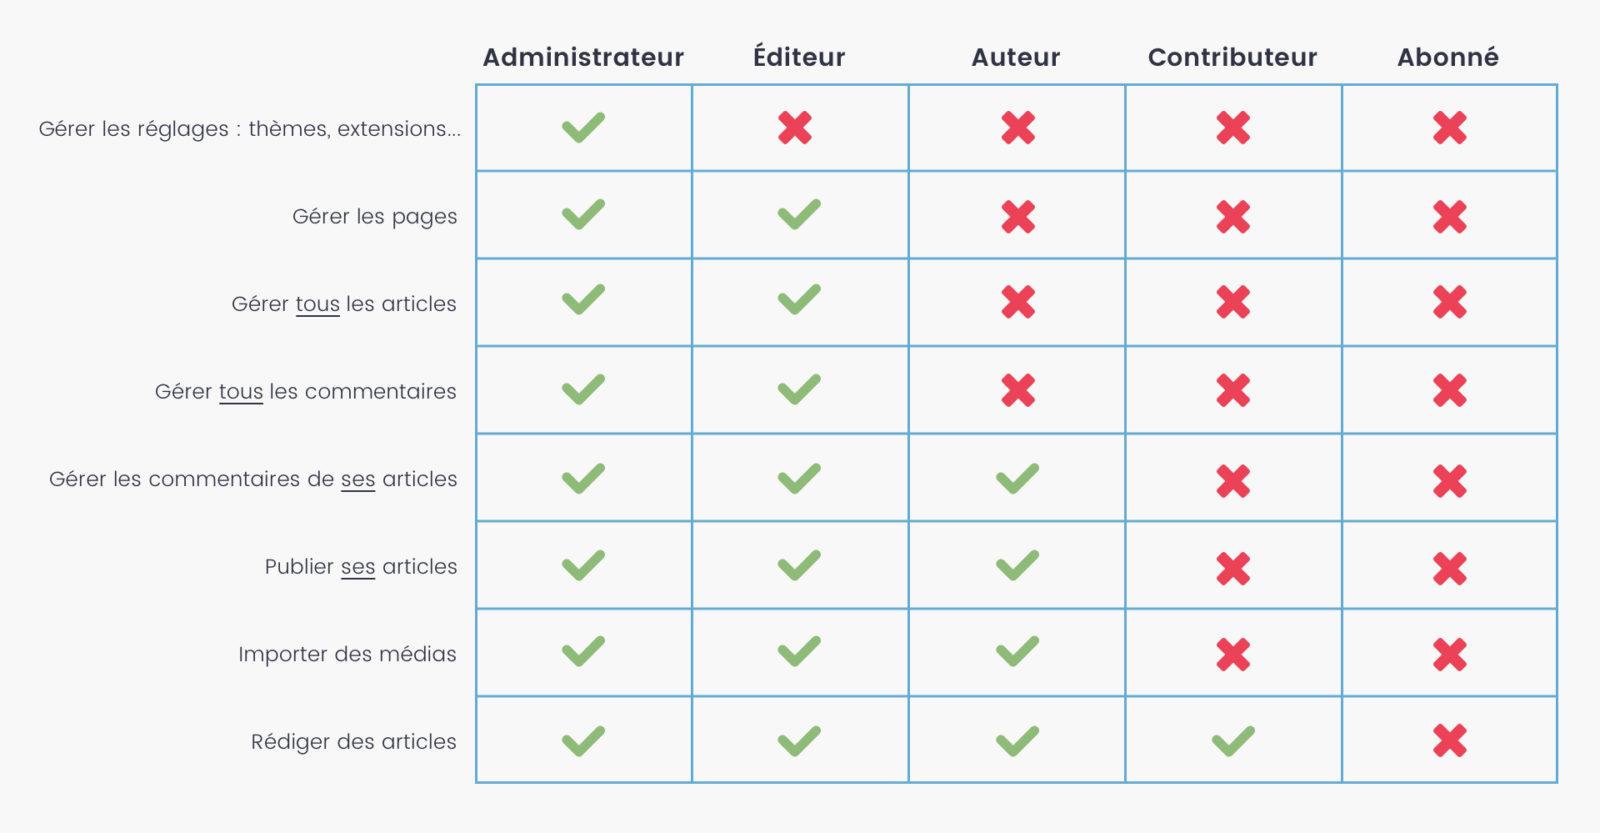 Tableau indiquant les capacités de chaque rôle utilisateur dans WordPress